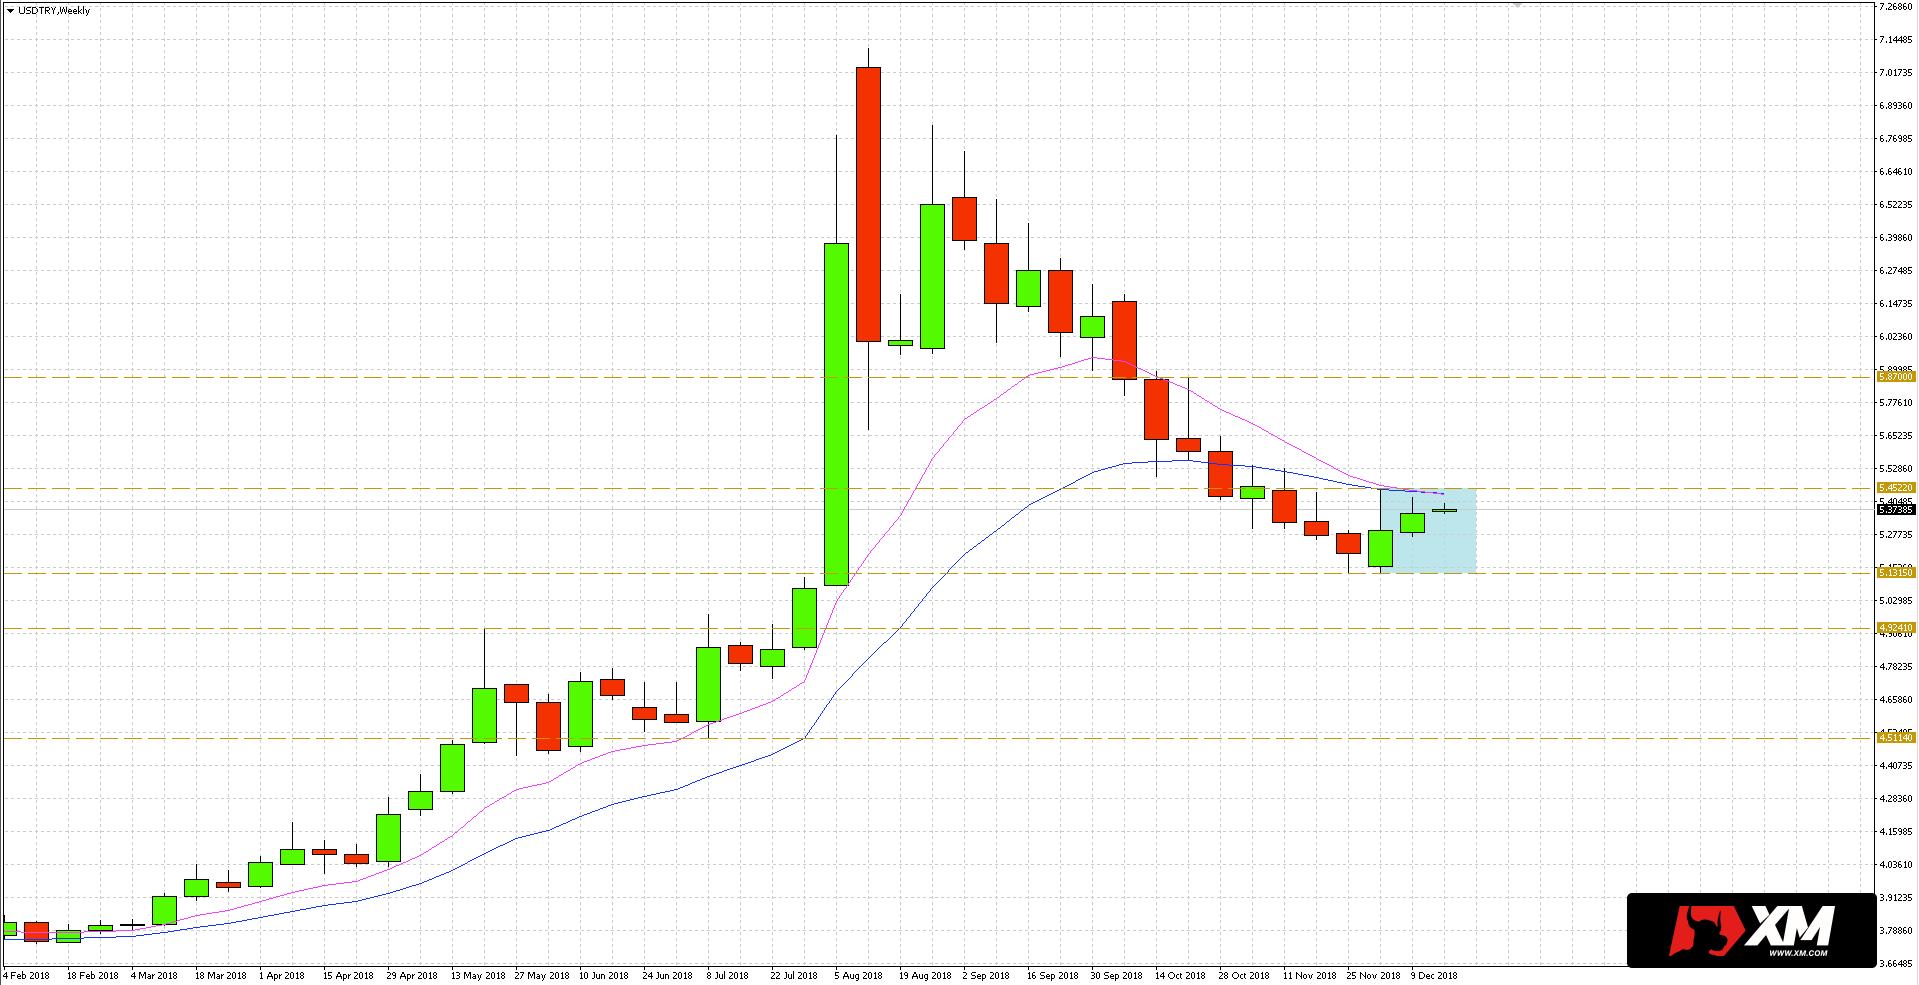 Notowania tureckiej liry (TRY) w relacji do dolara osuwały się powoli od września odreagowując wcześniejszą silną zwyżkę